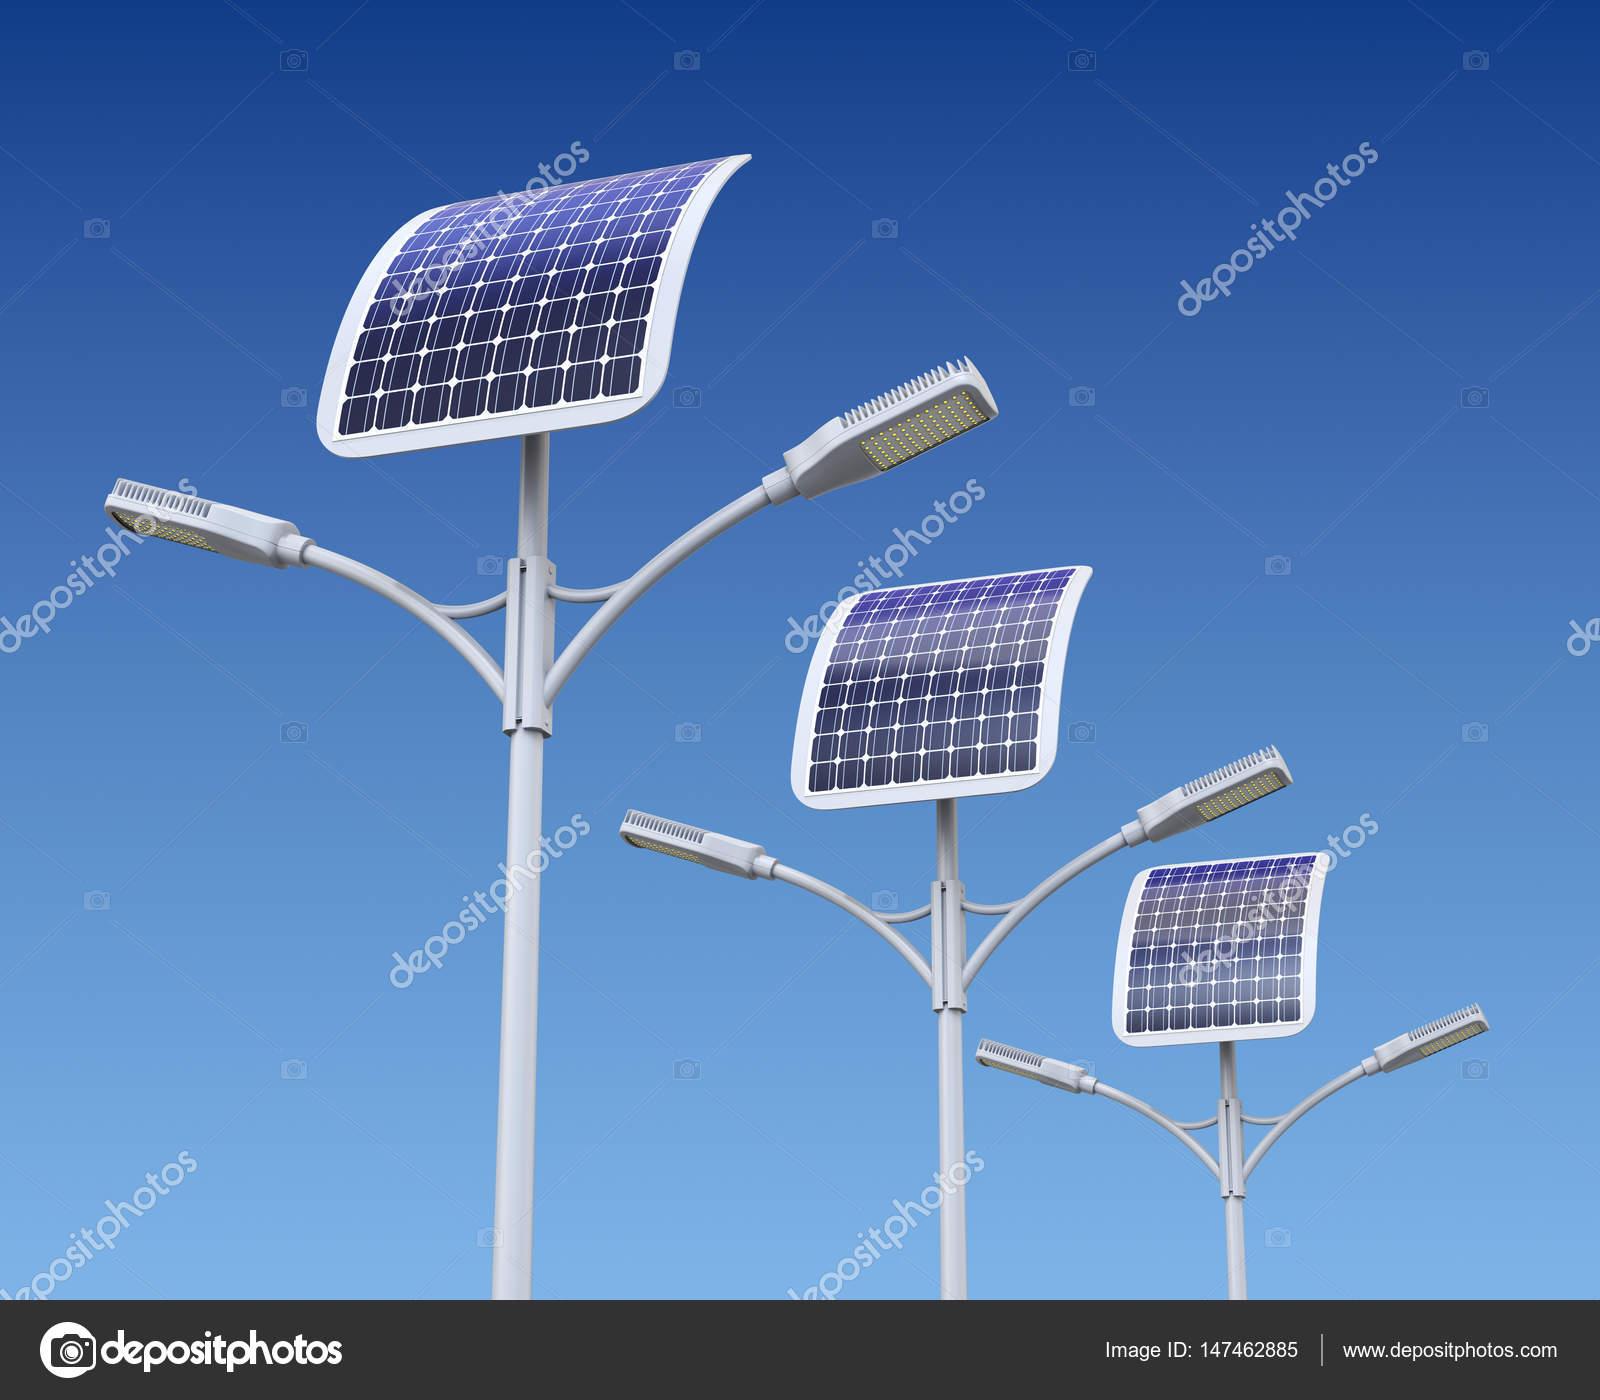 Fila di lampione stradale a led con pannello solare foto for Immagini pannello solare